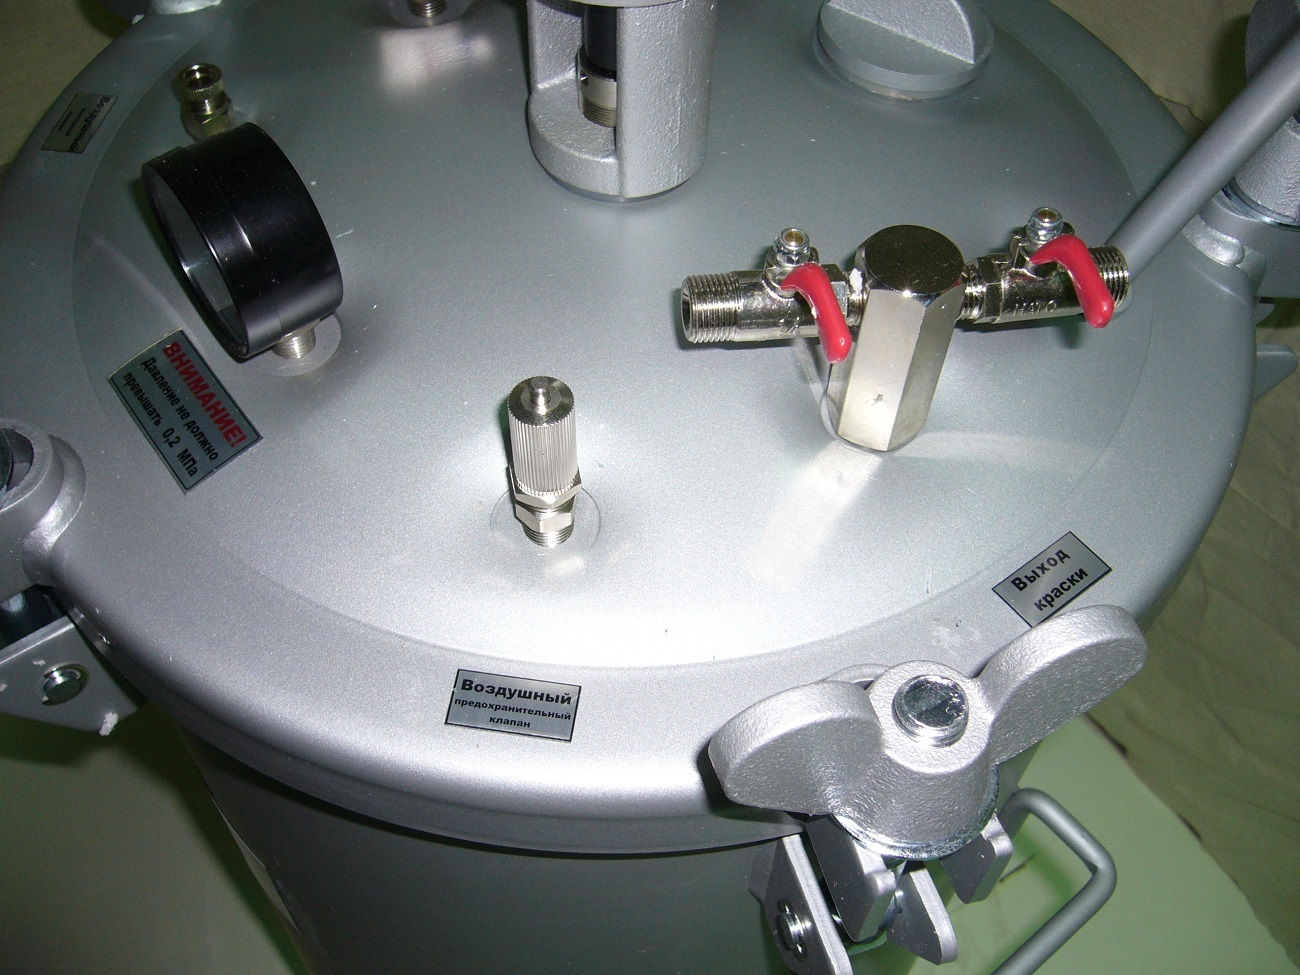 Бак красконагнетательный с автоматической мешалкой БК-80ПВ, 80 литров